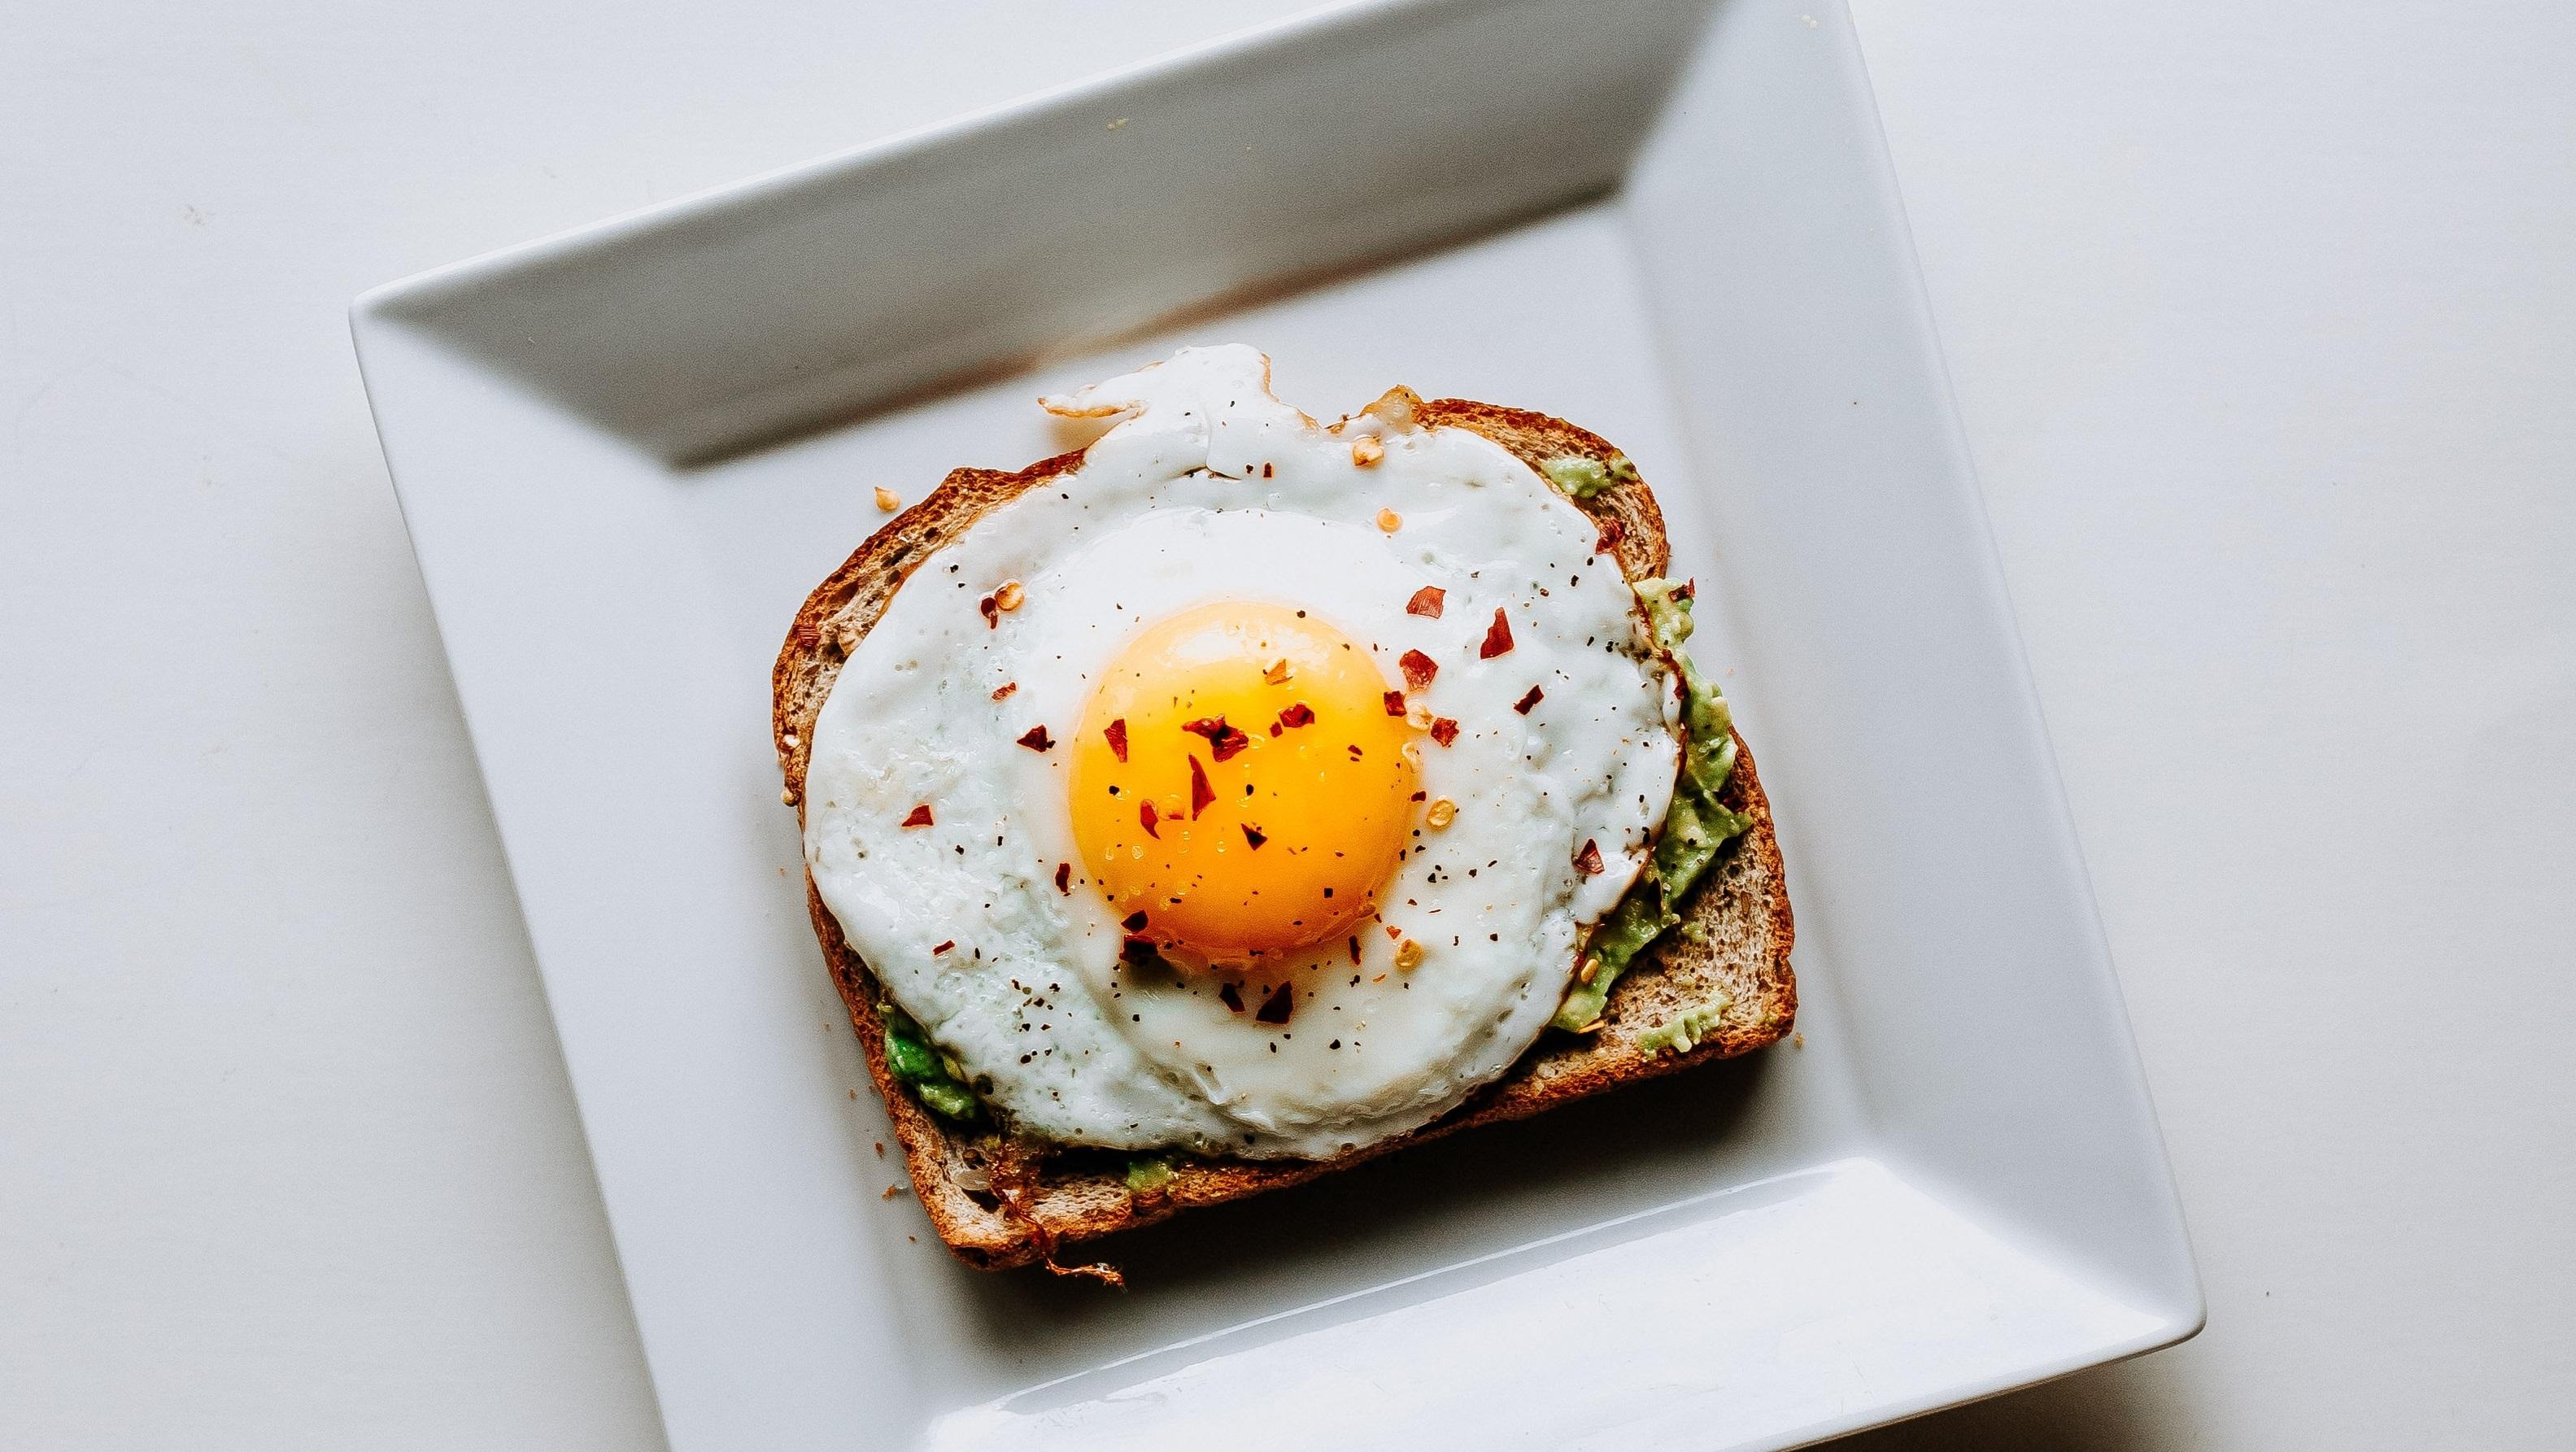 Ezekiel Bread Toast with Avocado and Egg